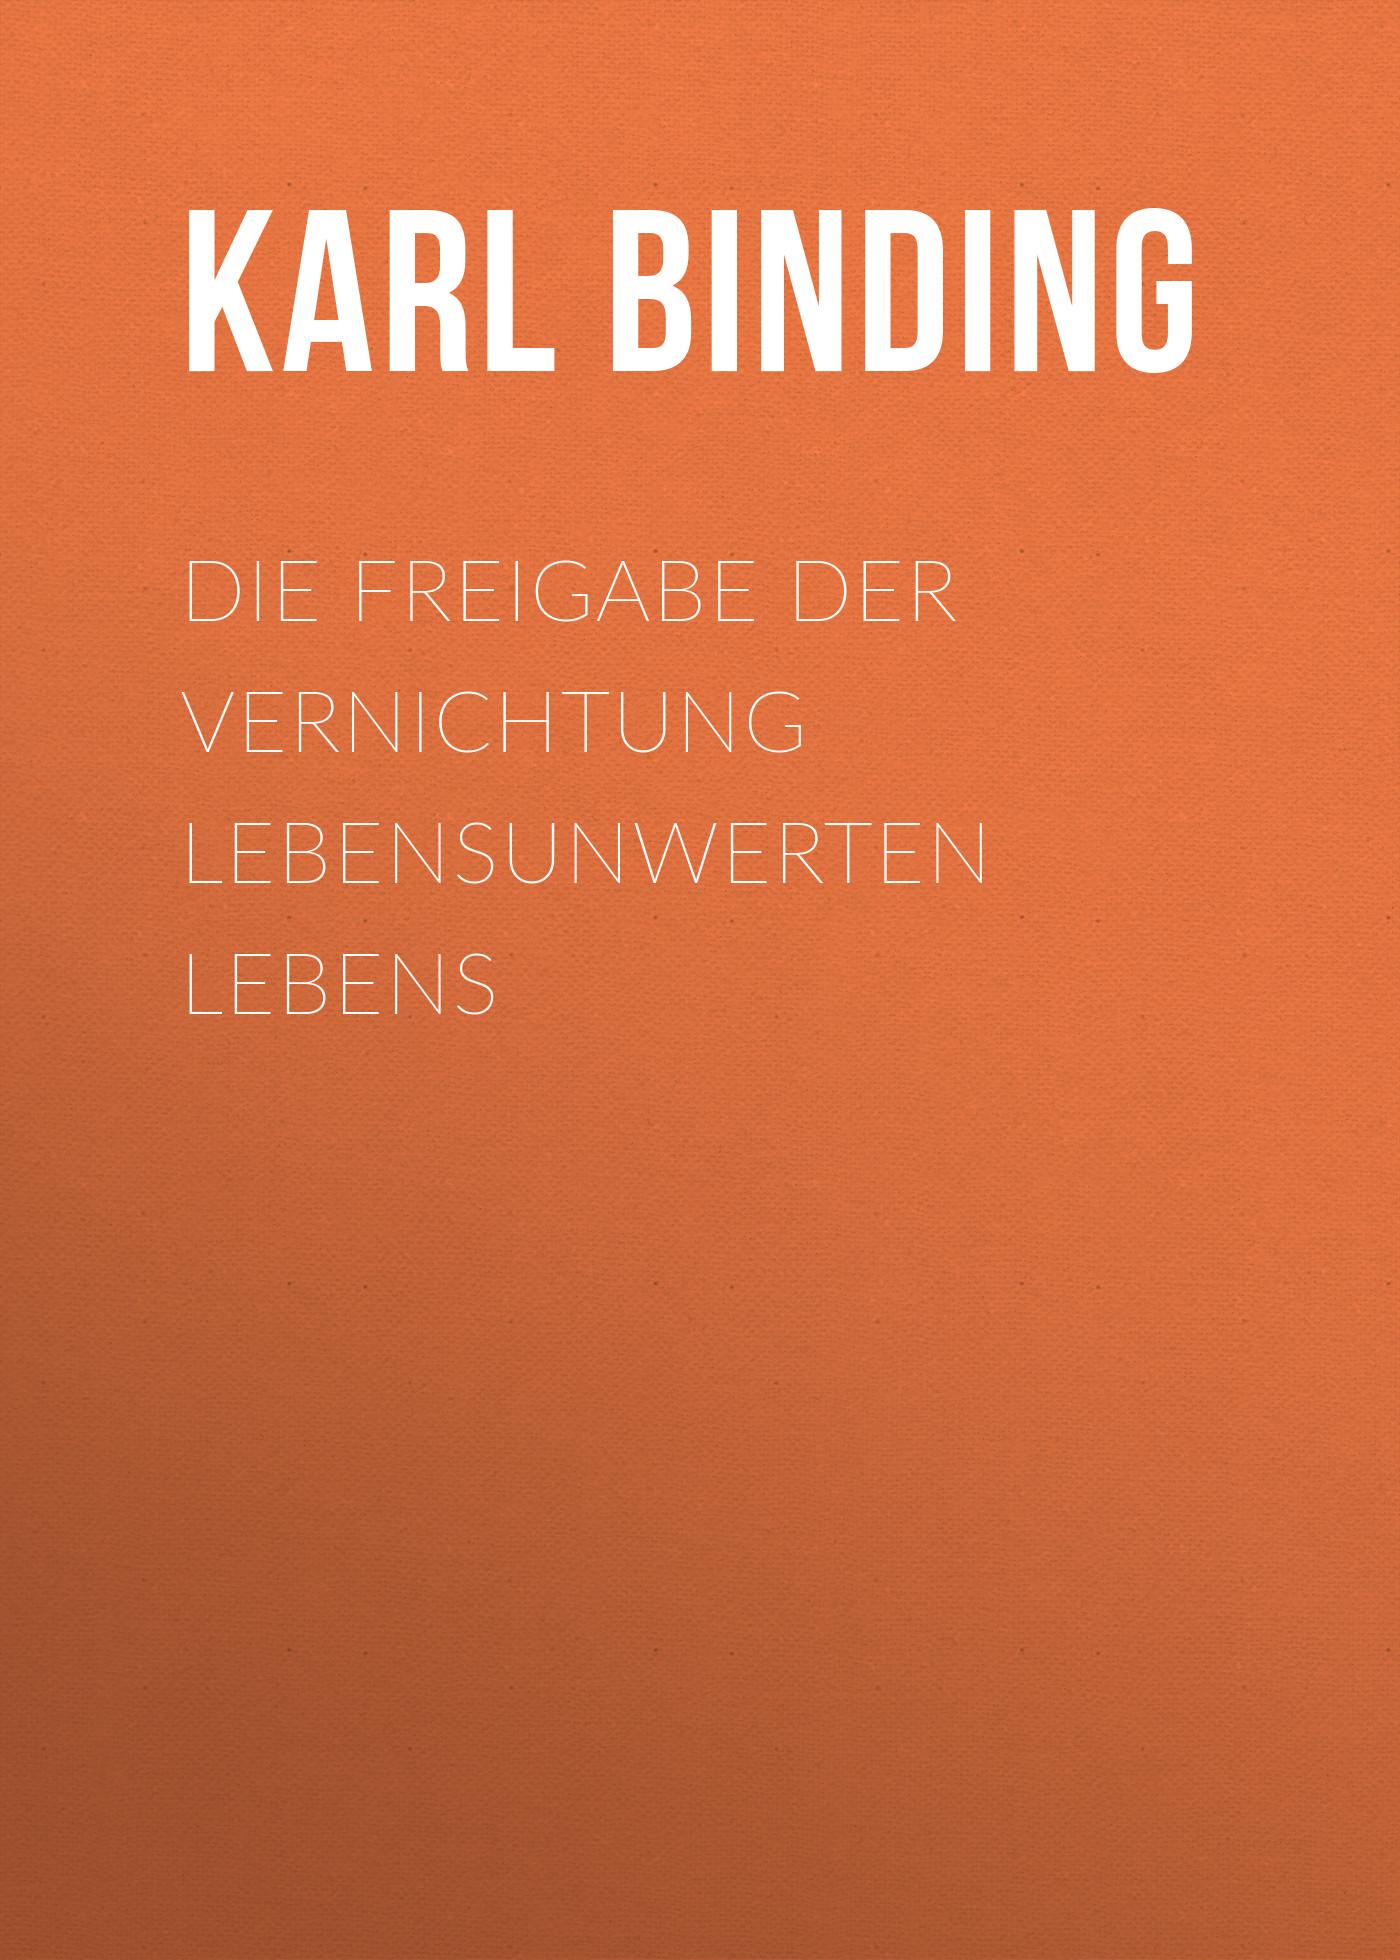 Karl Binding Die Freigabe der Vernichtung lebensunwerten Lebens сапоги quelle der spur 1013540